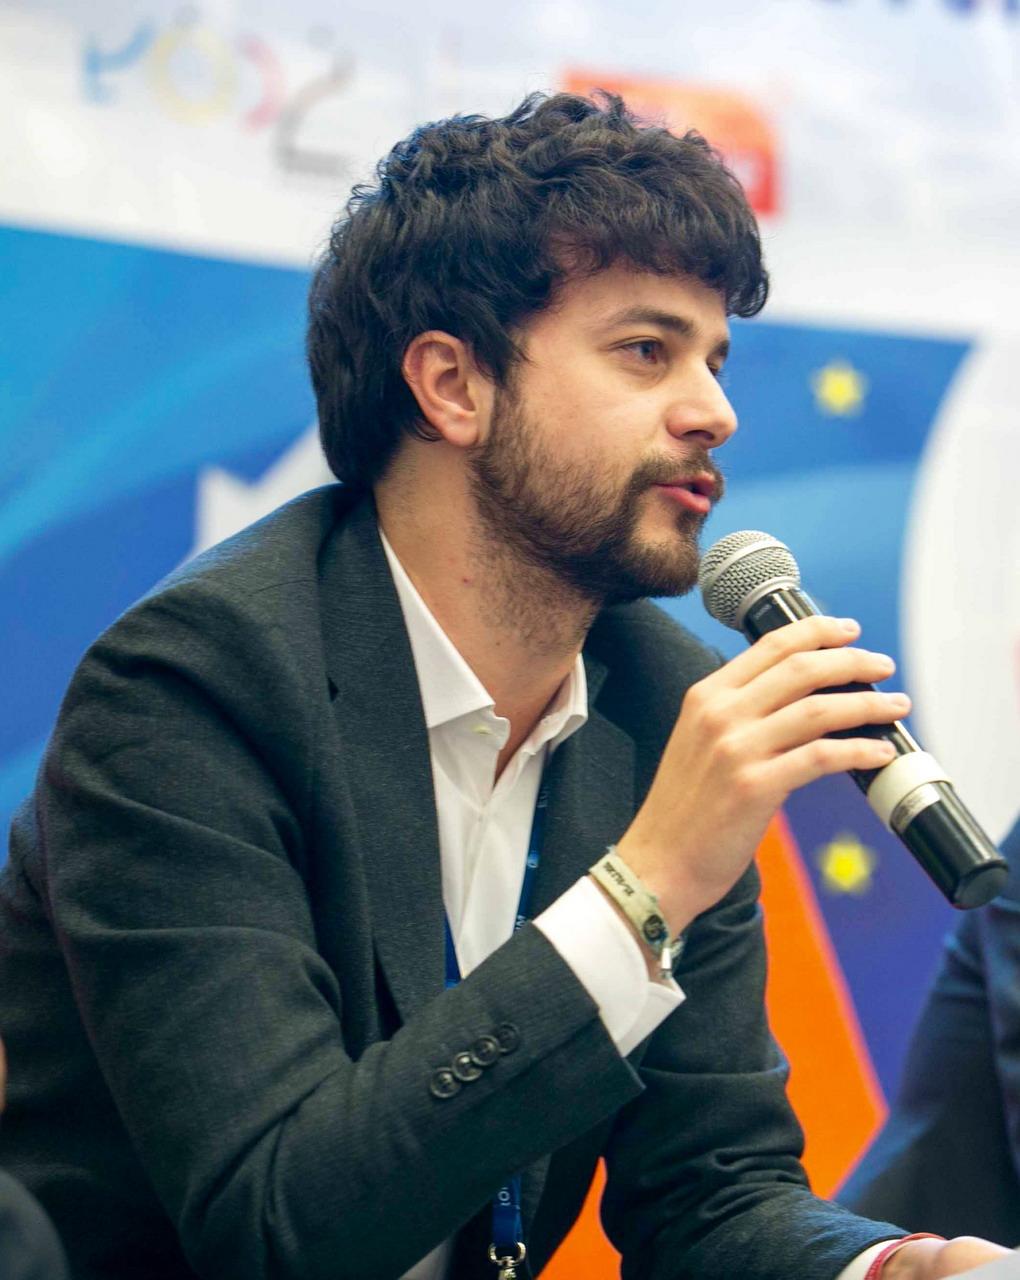 Emergenza migranti Ventimiglia: l'europarlamentare Benifei presenta un'interrogazione scritta alla Commissione Europea